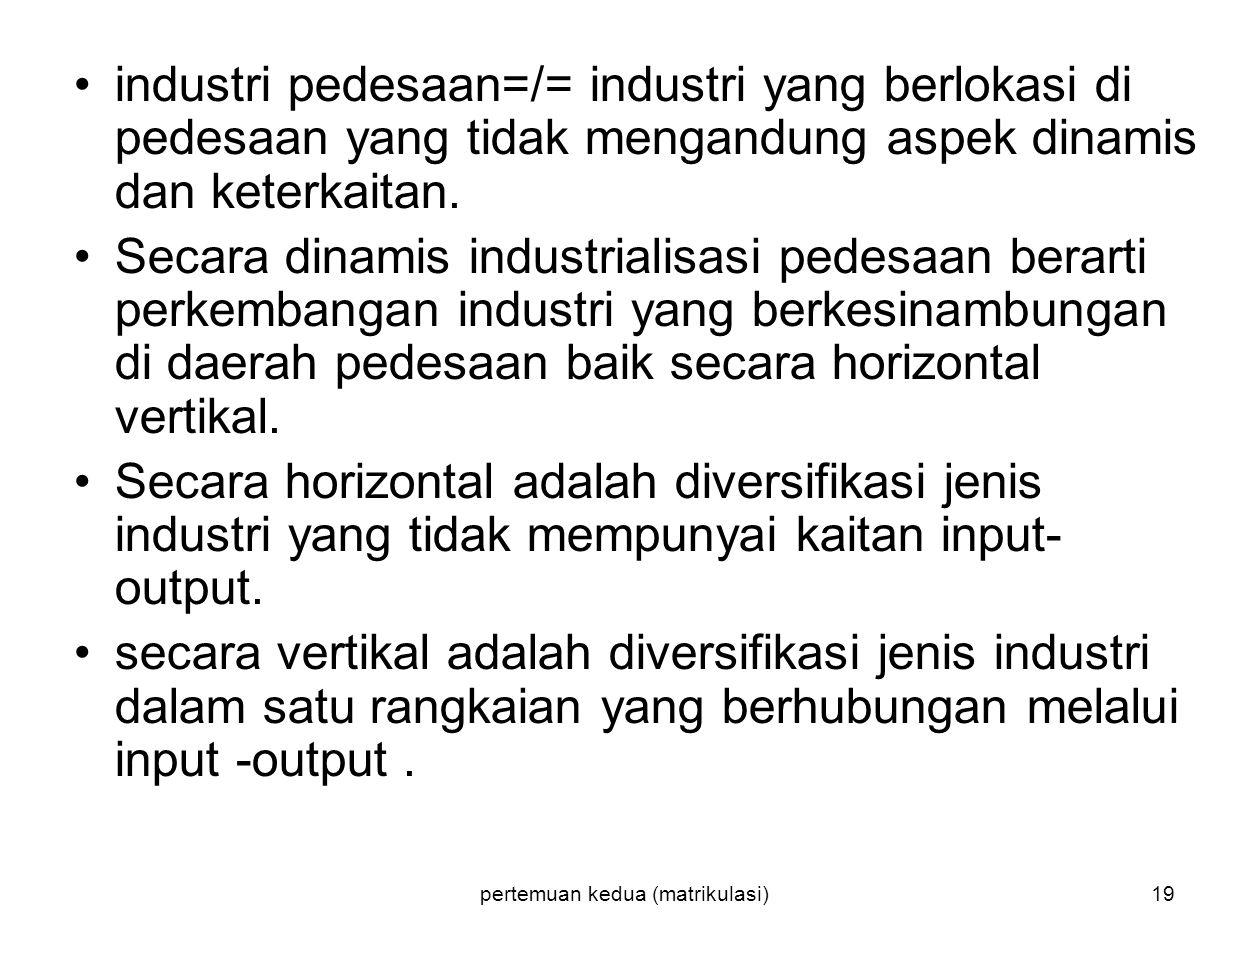 pertemuan kedua (matrikulasi)19 industri pedesaan=/= industri yang berlokasi di pedesaan yang tidak mengandung aspek dinamis dan keterkaitan. Secara d